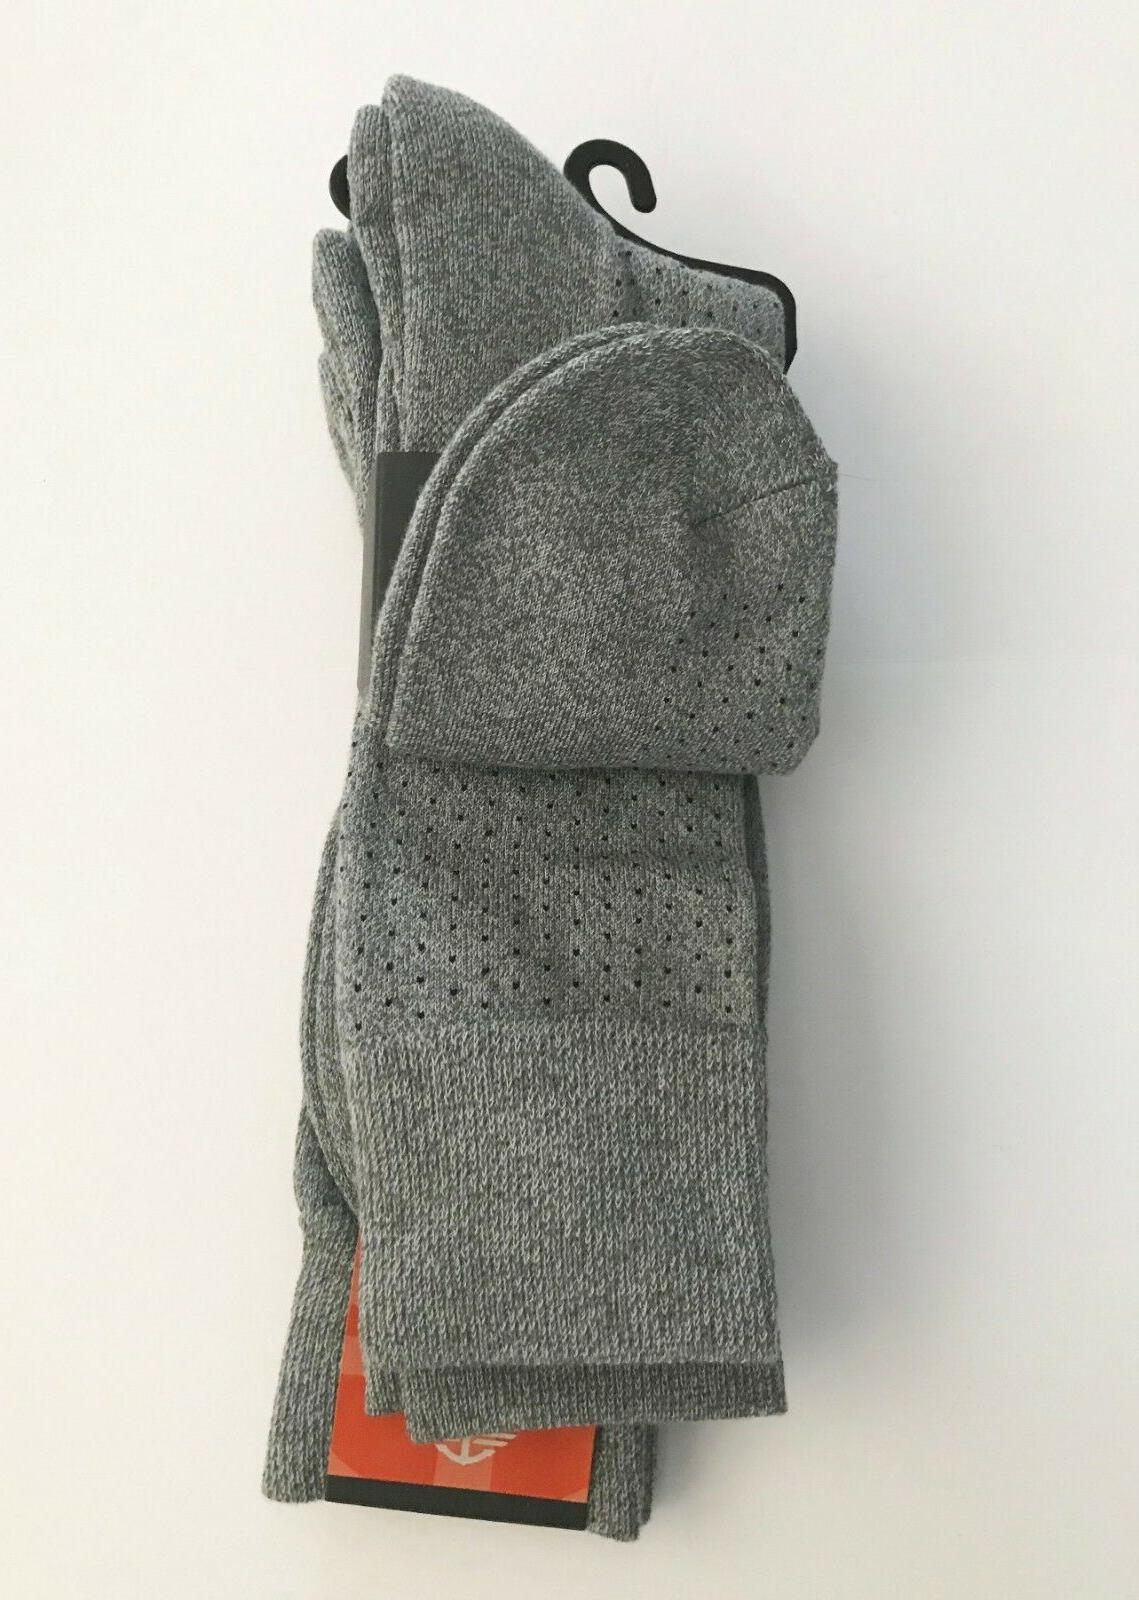 DOCKERS Fit Socks, Shoe